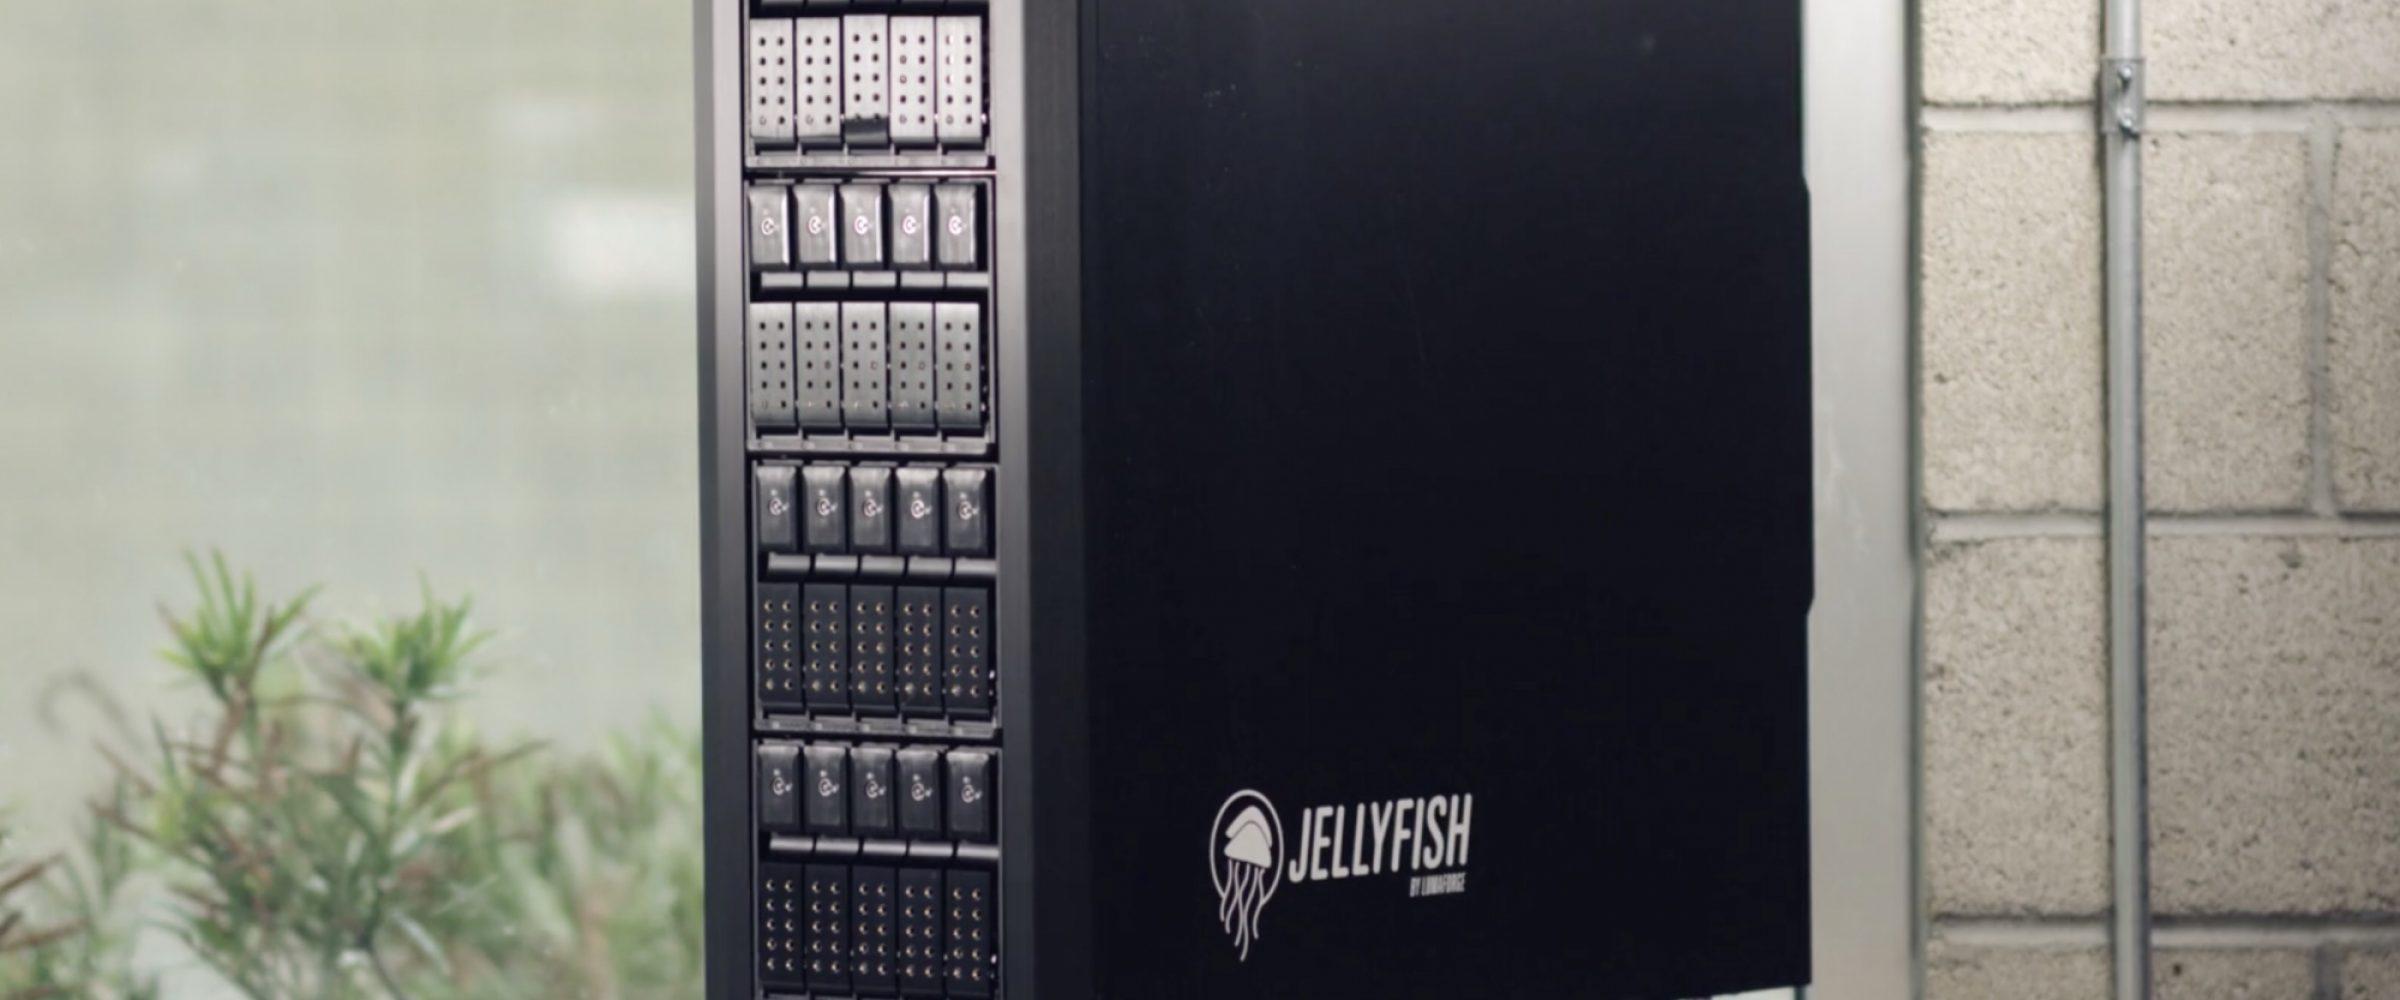 Jelyfish lineup blog hero